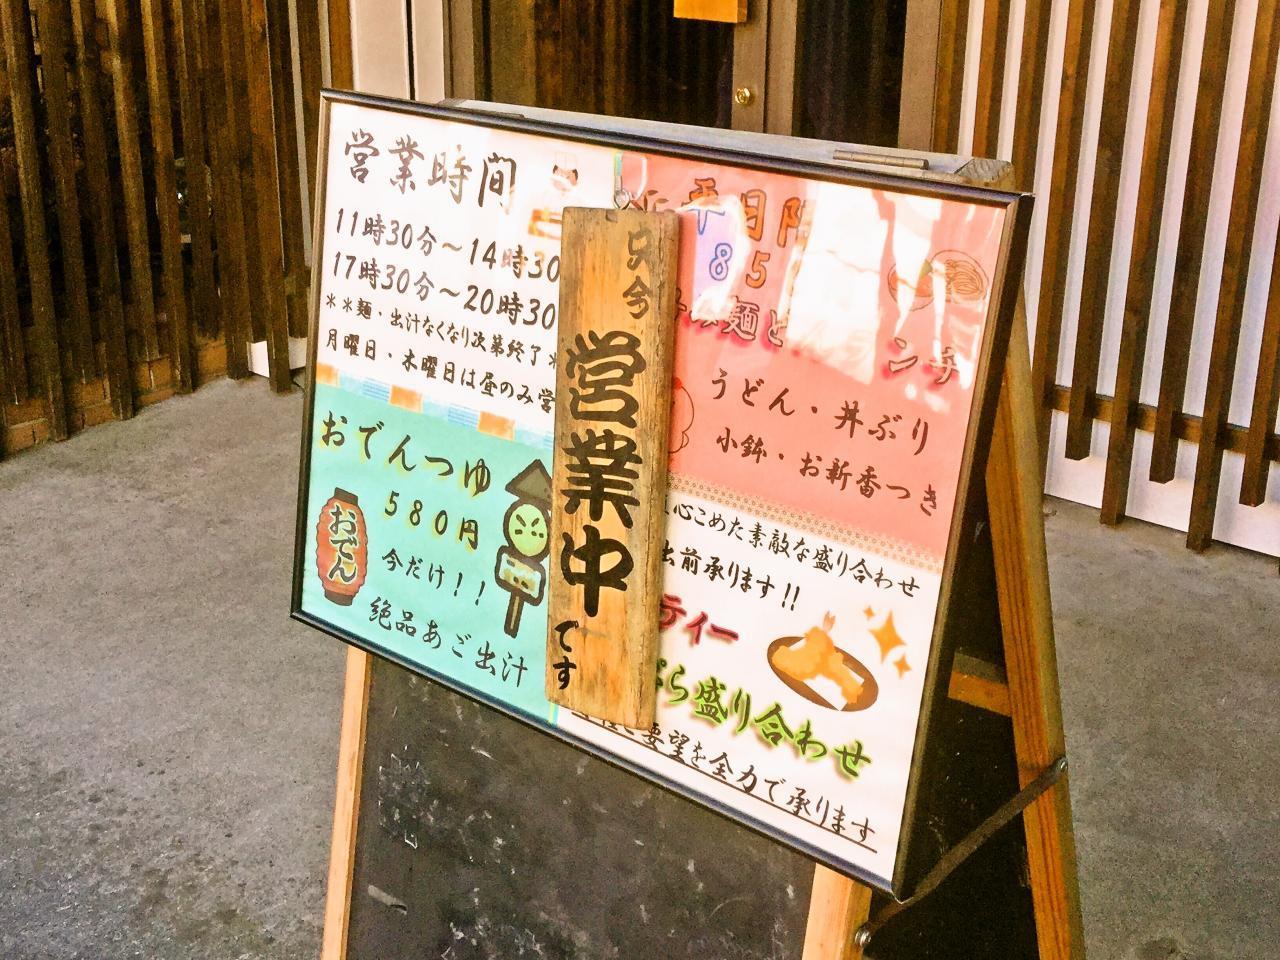 武蔵野うどん 一彩 本店(店舗)